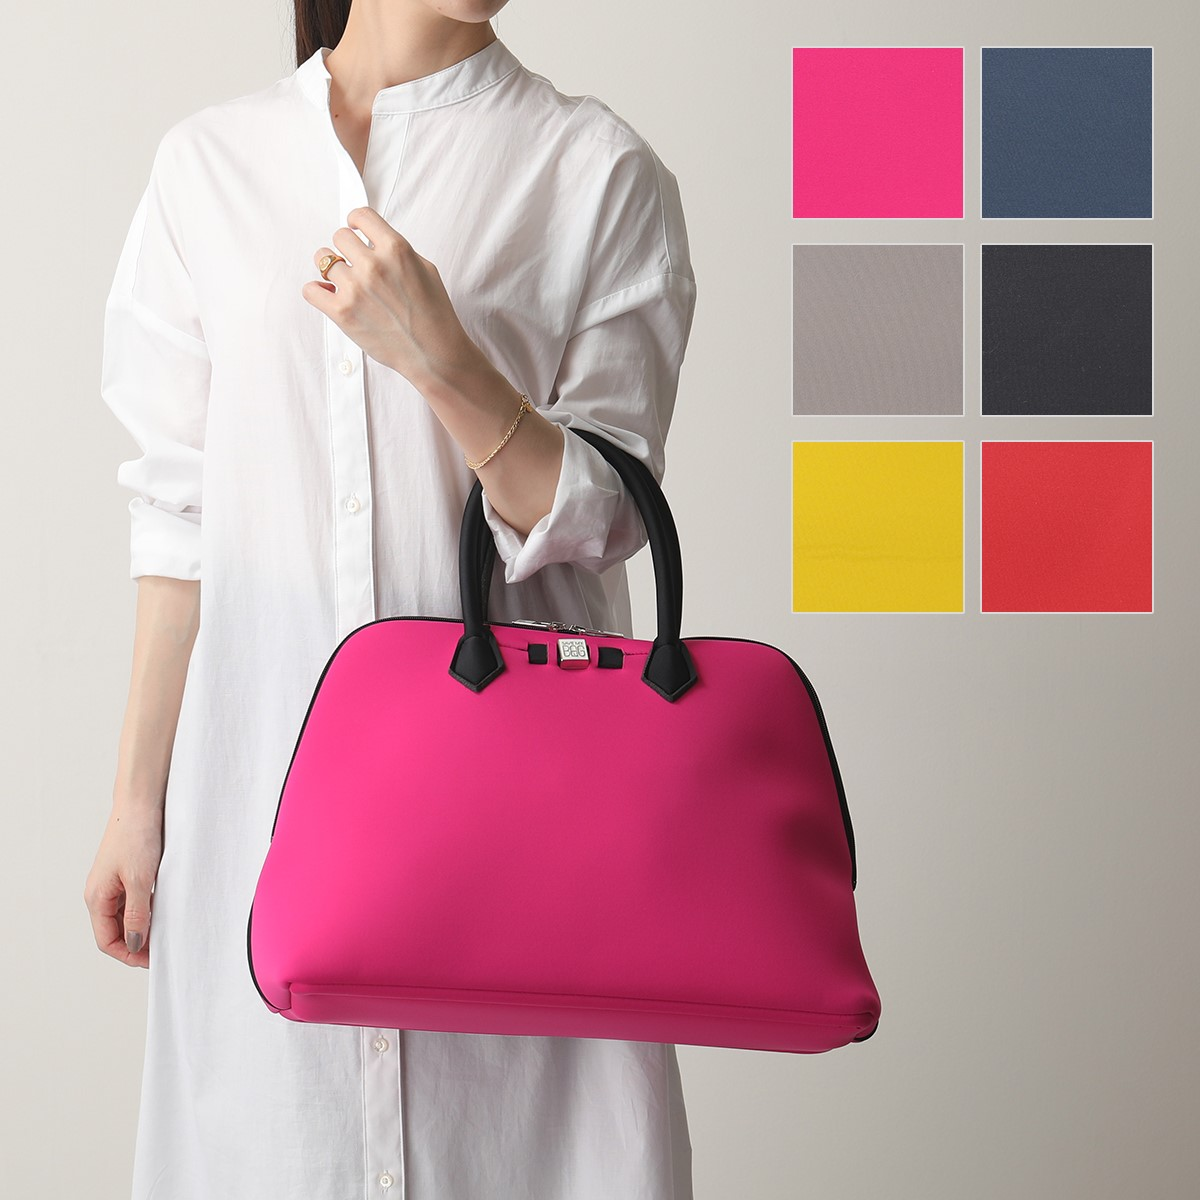 グッドプライス SAVE MY BAG セーブマイバッグ 10540N-LY-TU PRINCESS MAXI ボストンバッグ プリンセス トートバッグ レディース カラー6色 鞄 LYCRA 定番から日本未入荷 マキシ 捧呈